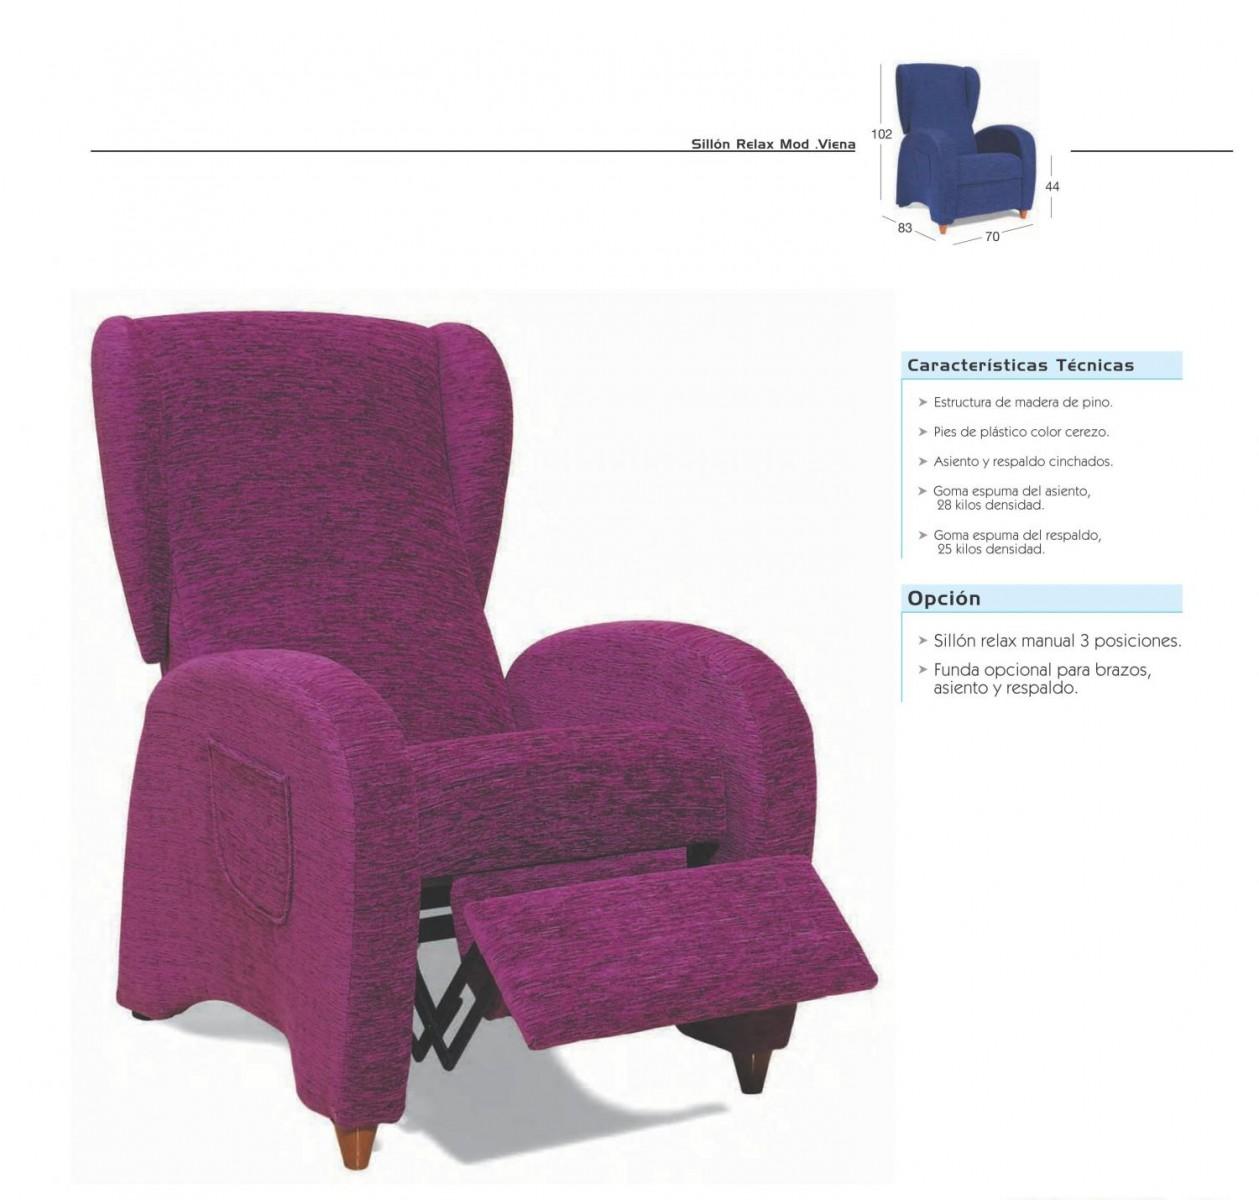 Sillon relax moderno 46 viena sofas sillones gran - Sillon relax moderno ...